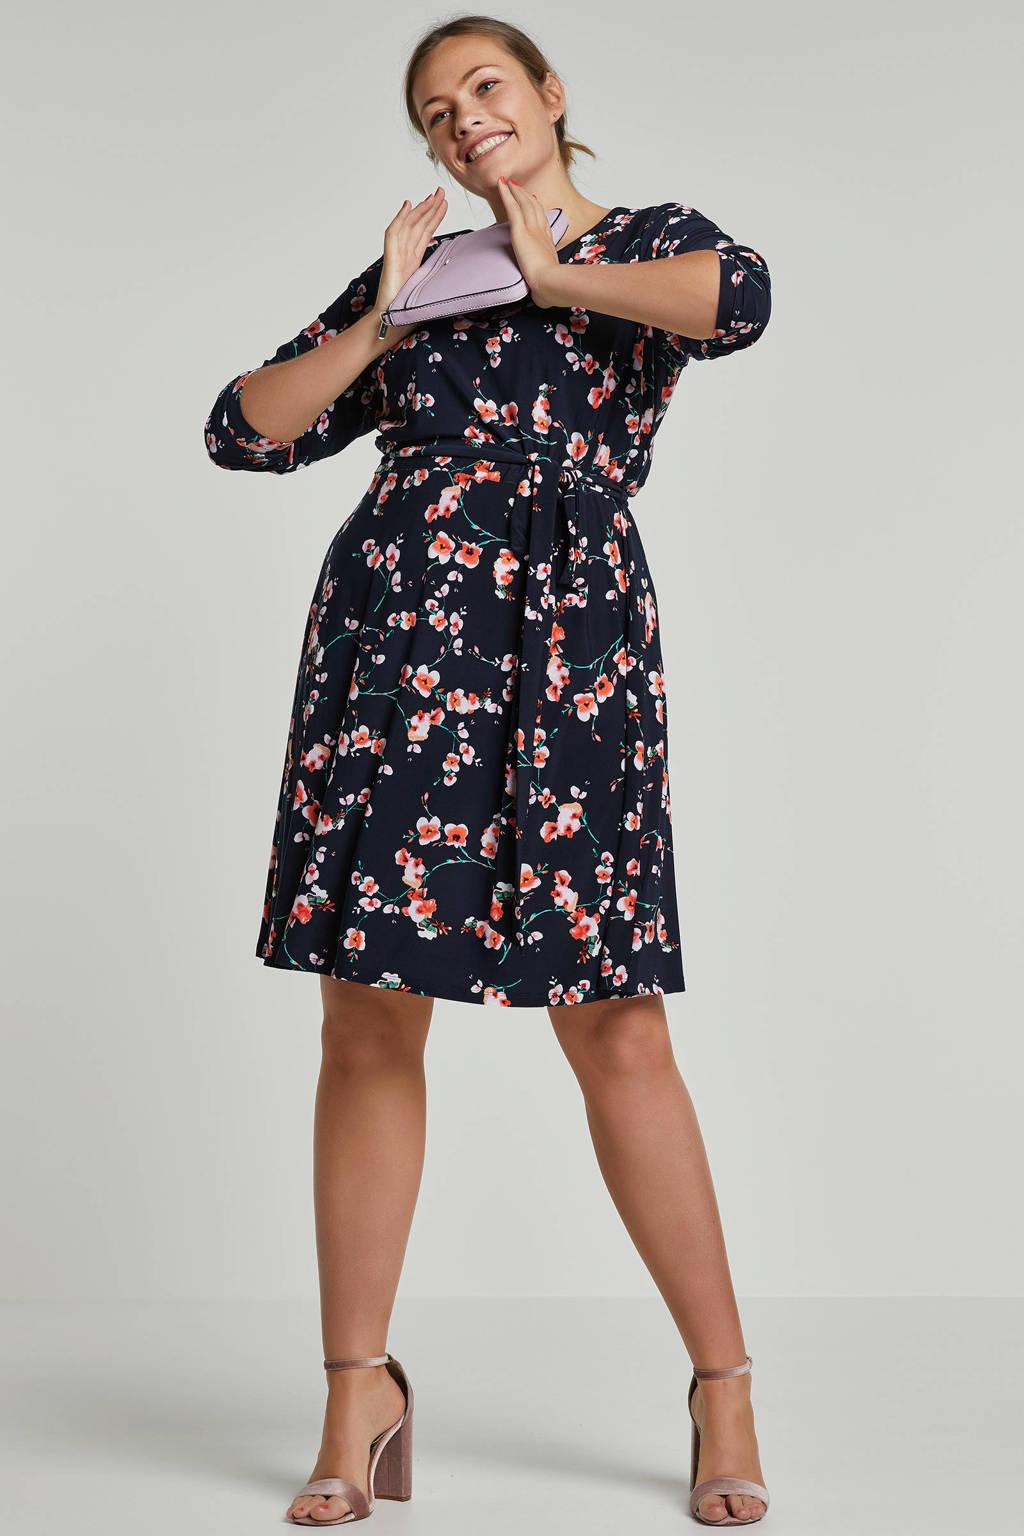 Lauren Woman gebloemde jurk, donkerblauw/roze/groen